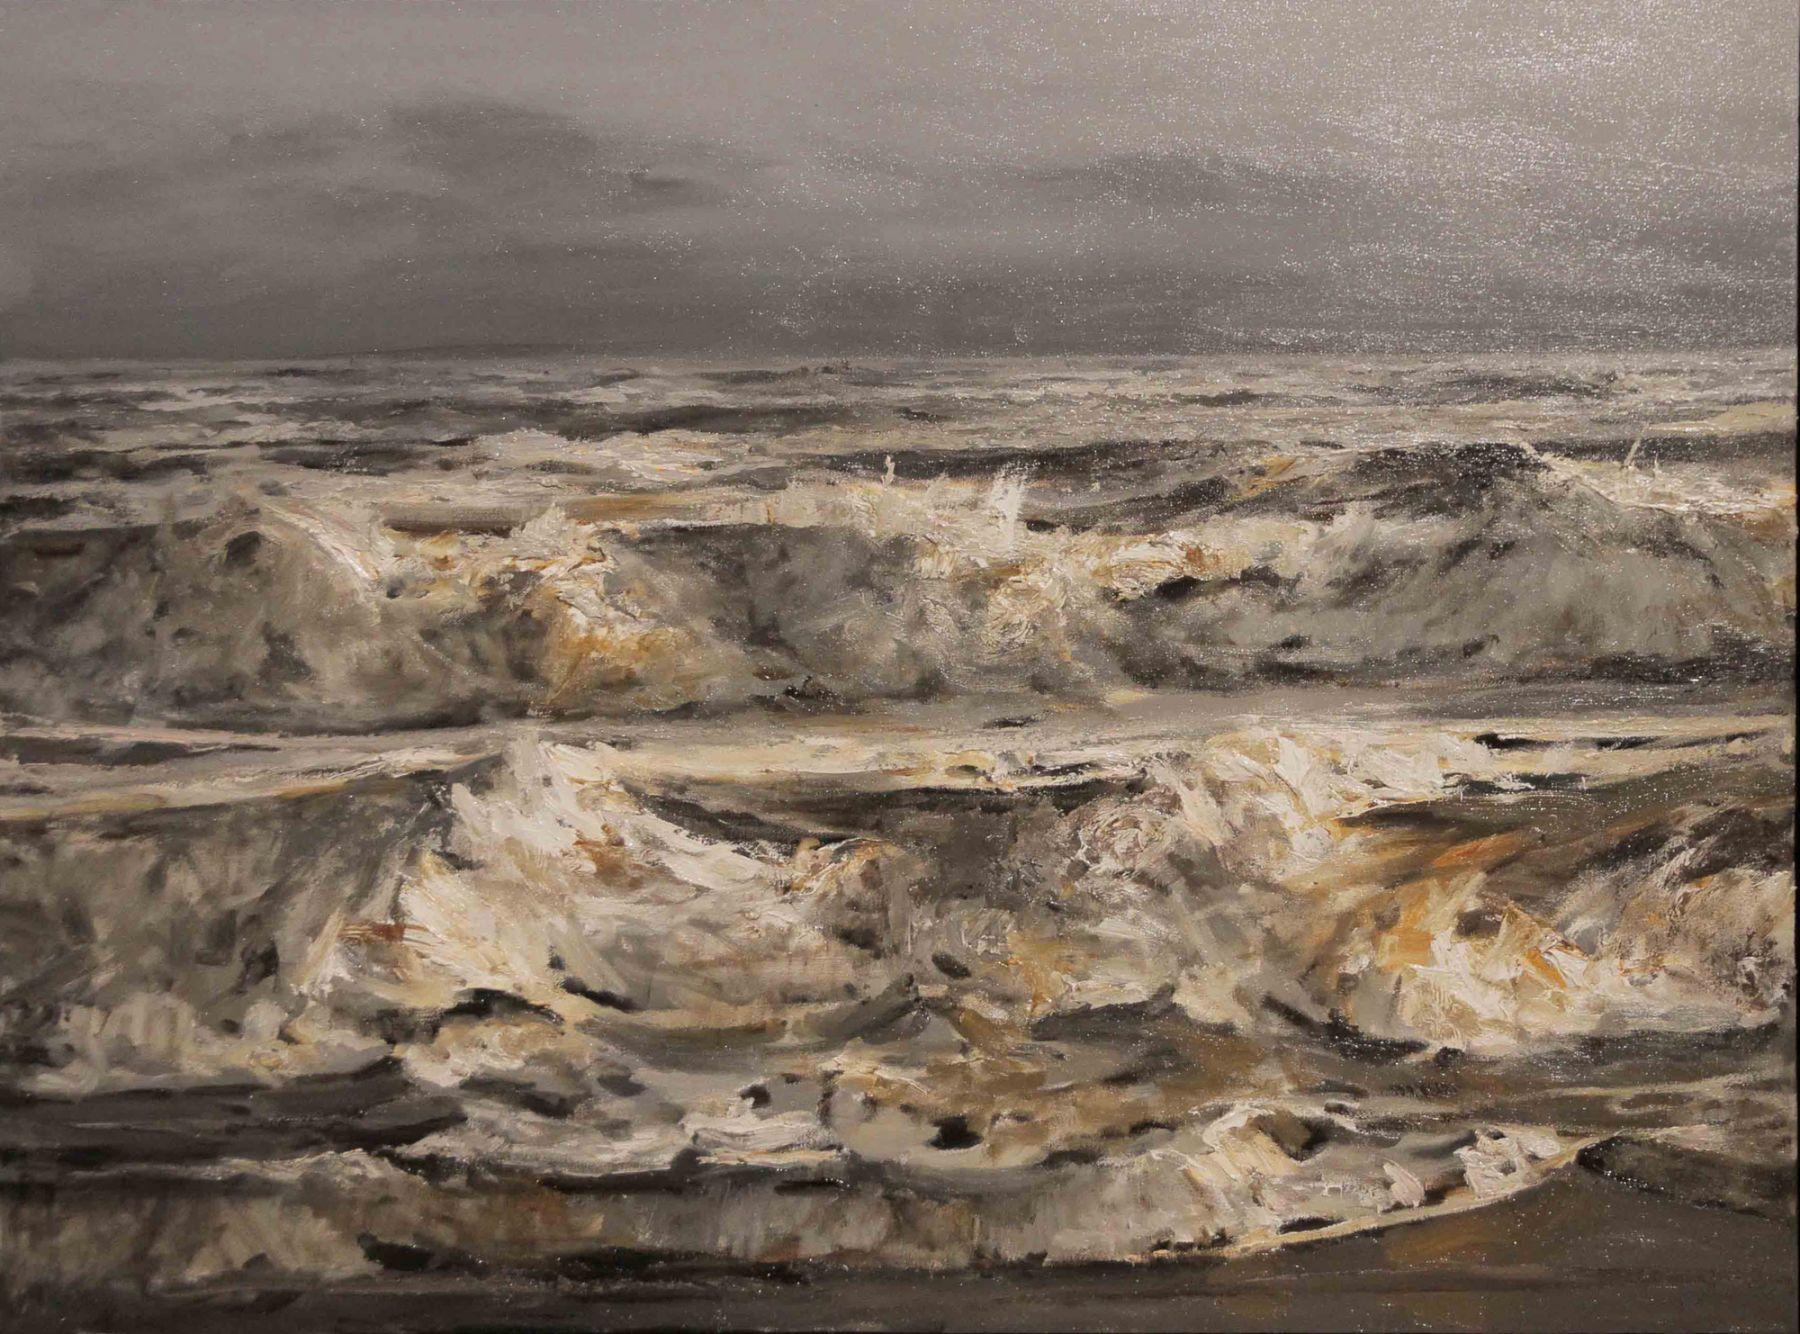 Lake Michigan Waves 3